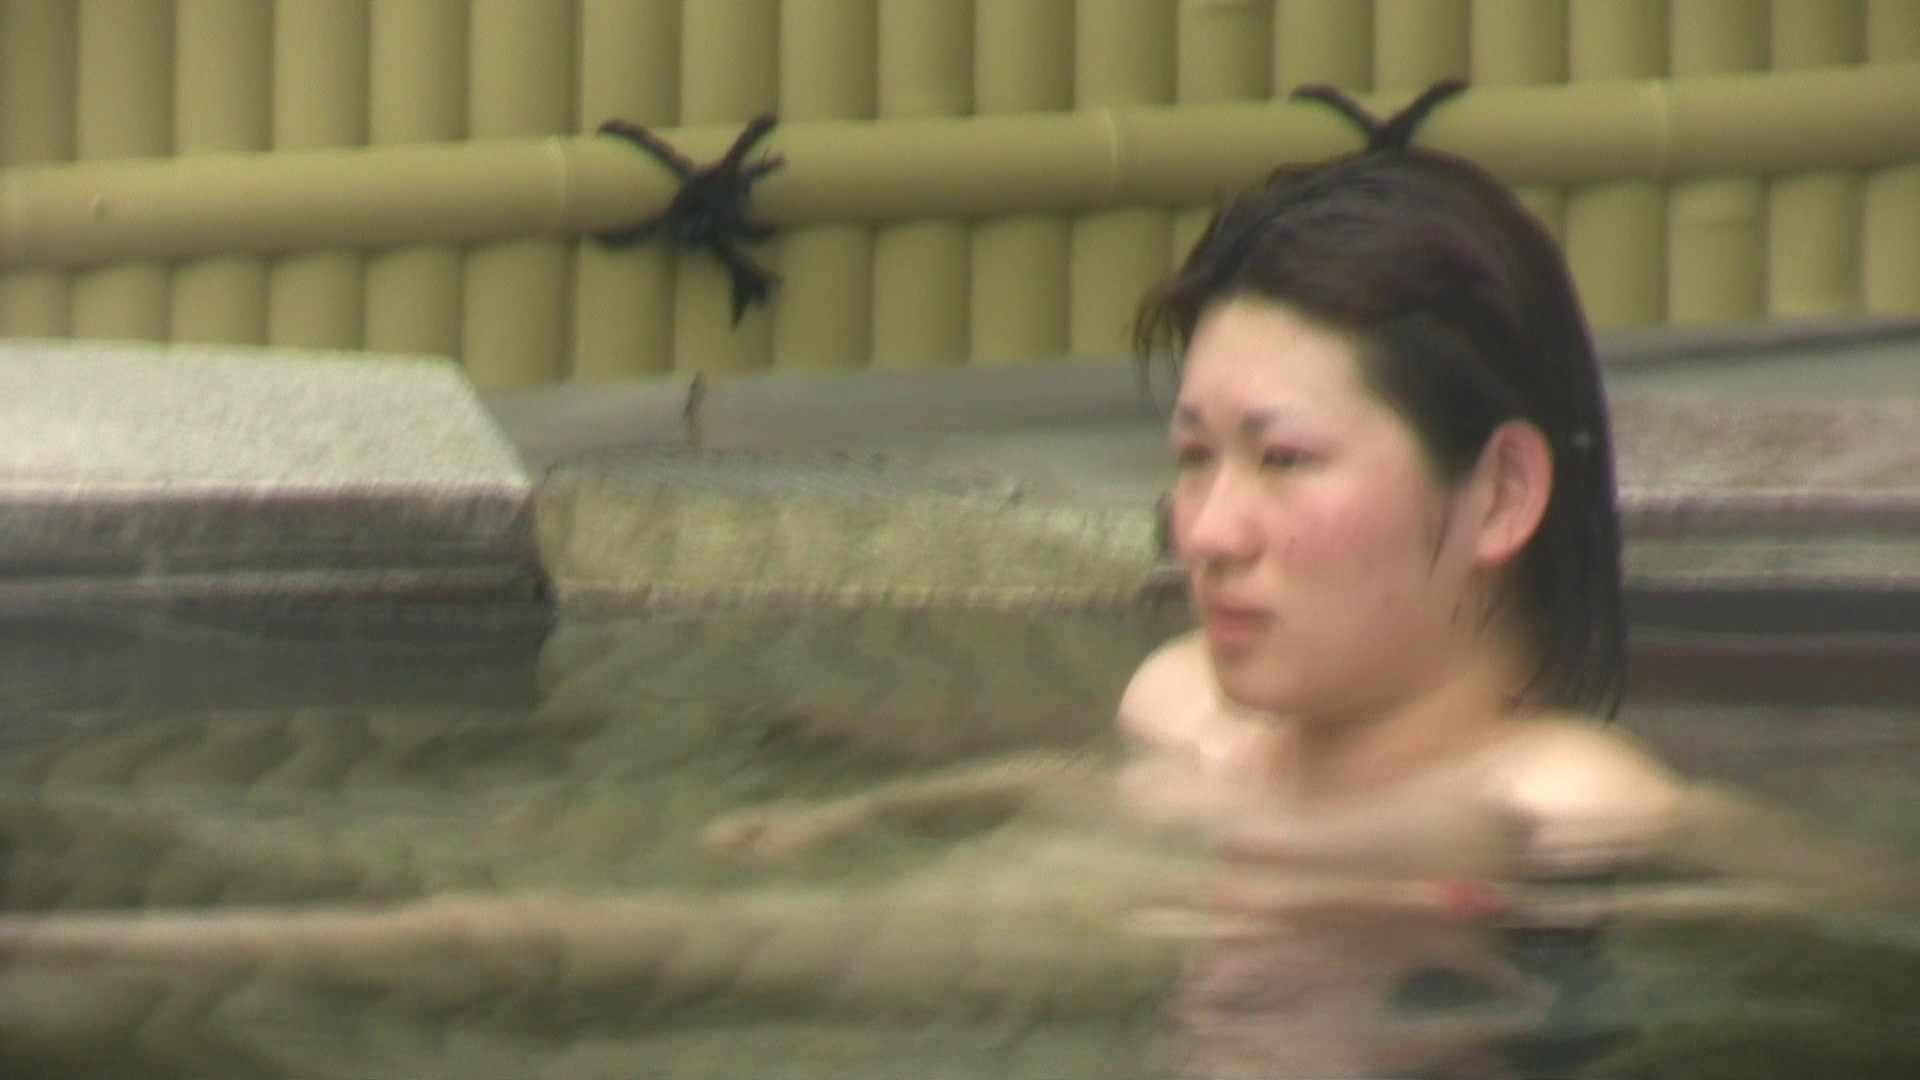 Aquaな露天風呂Vol.673 美しいOLの裸体   盗撮師作品  99pic 64